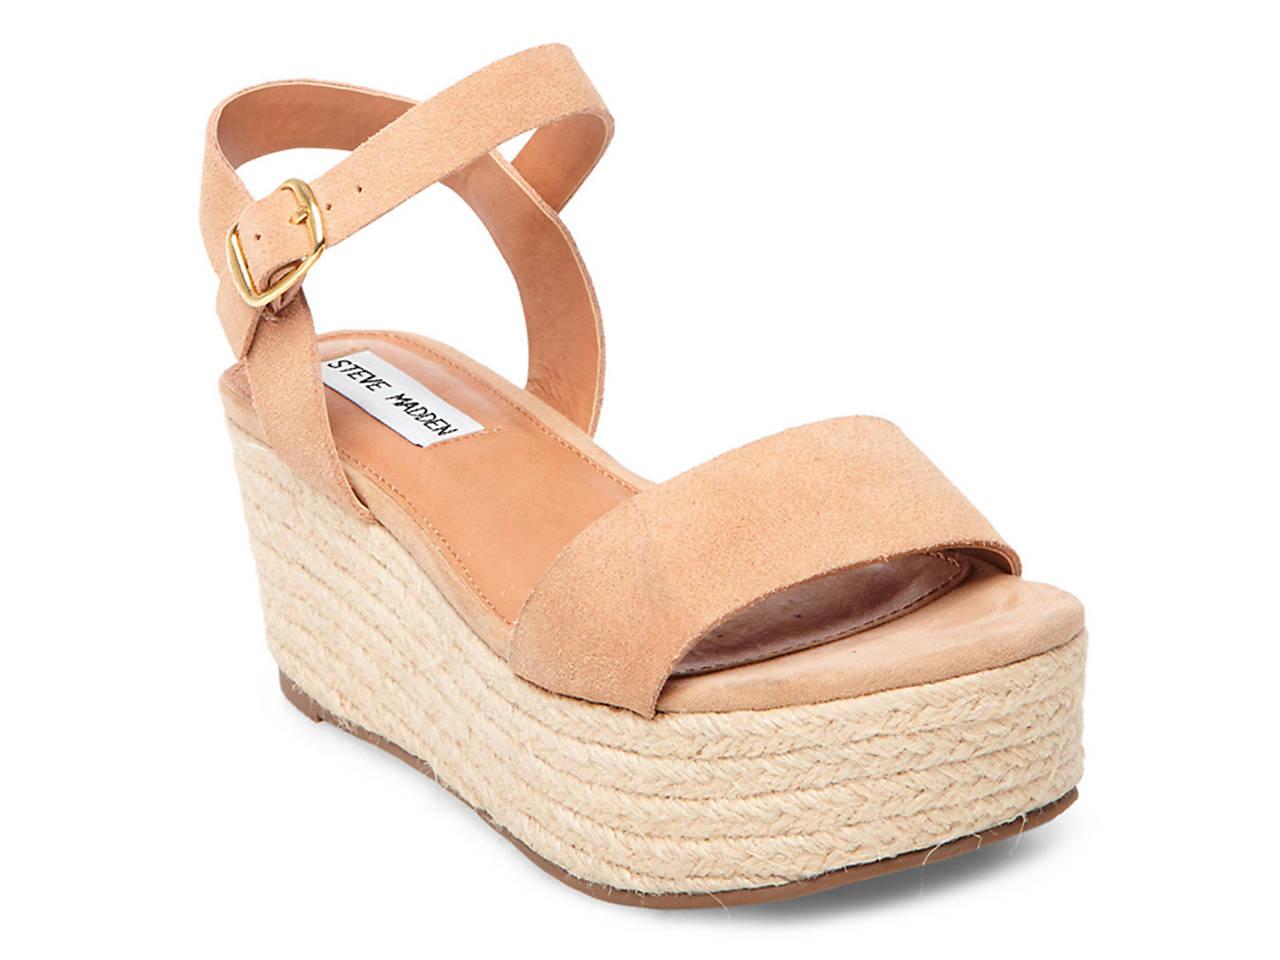 3b193072fe6 Steve Madden Busy Espadrille Platform Sandal Women s Shoes